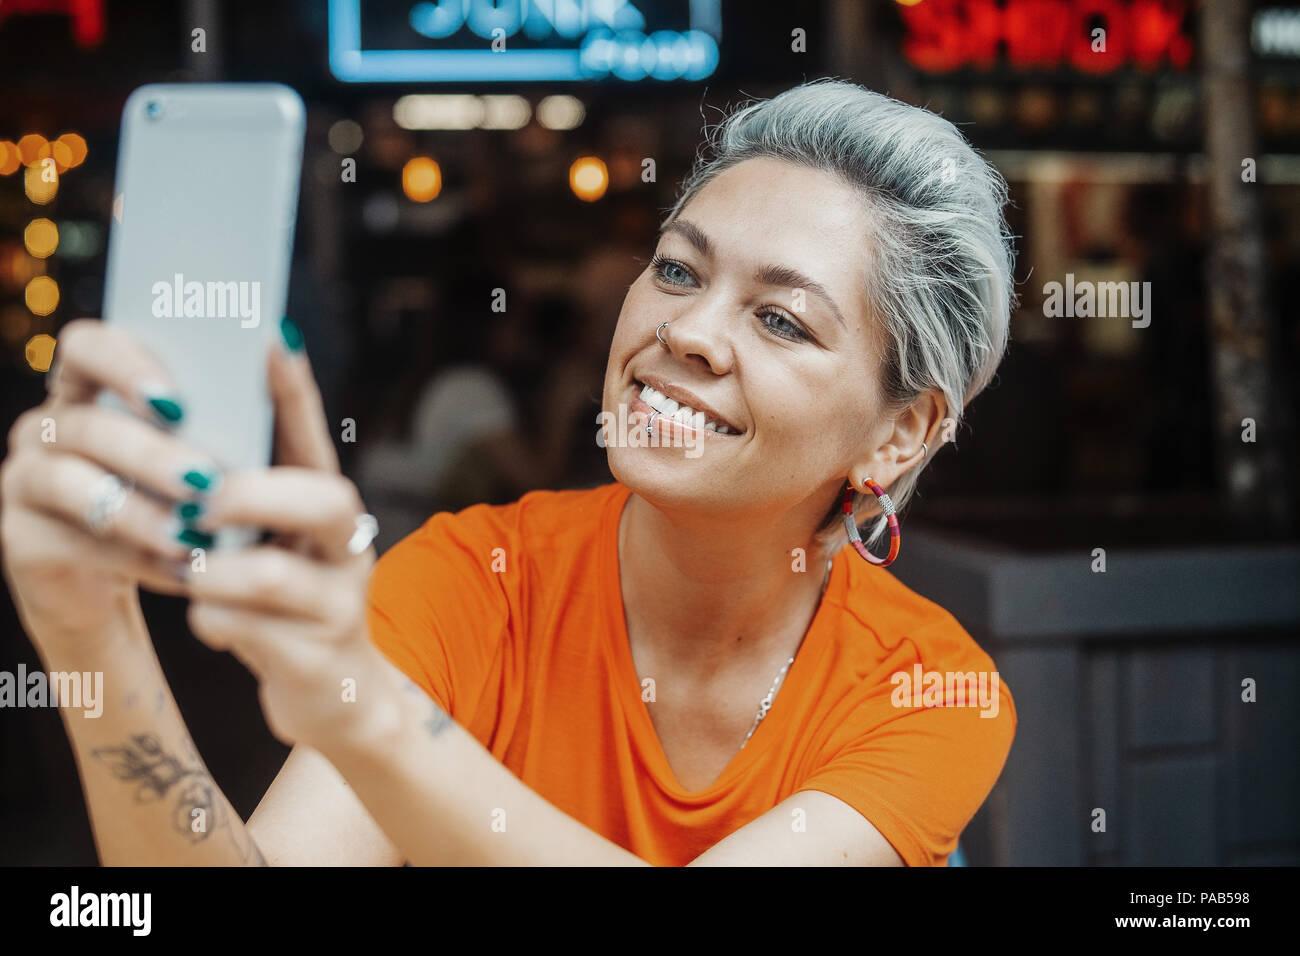 Cerca de la atractiva chica rubia en Orange T-shirt haciendo selfie cafe Imagen De Stock